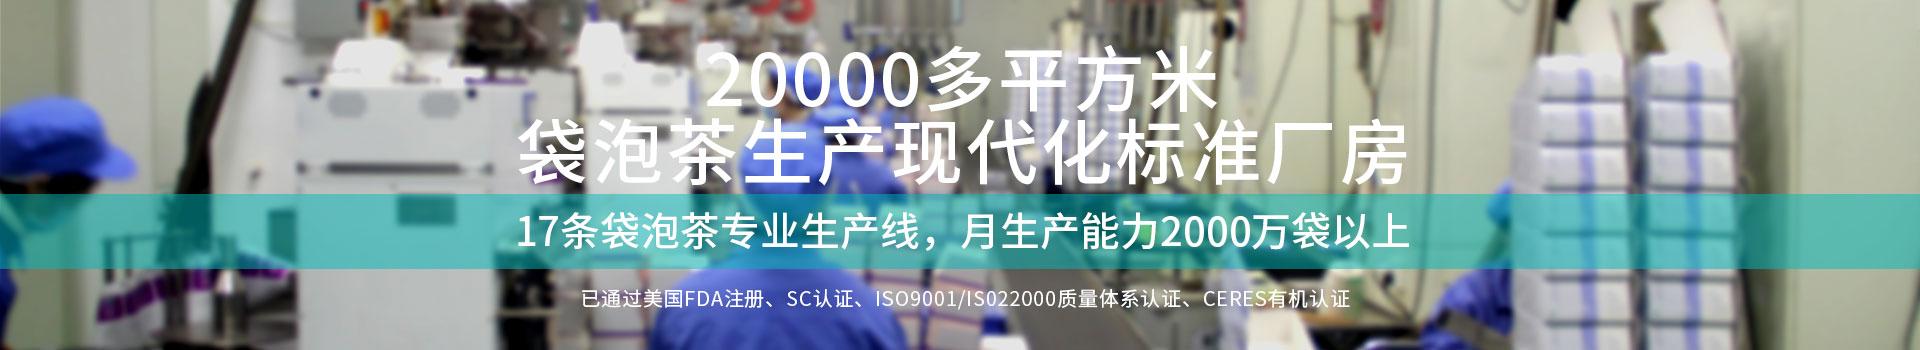 http://www.yudetea.com/data/upload/202108/20210813173942_990.jpg